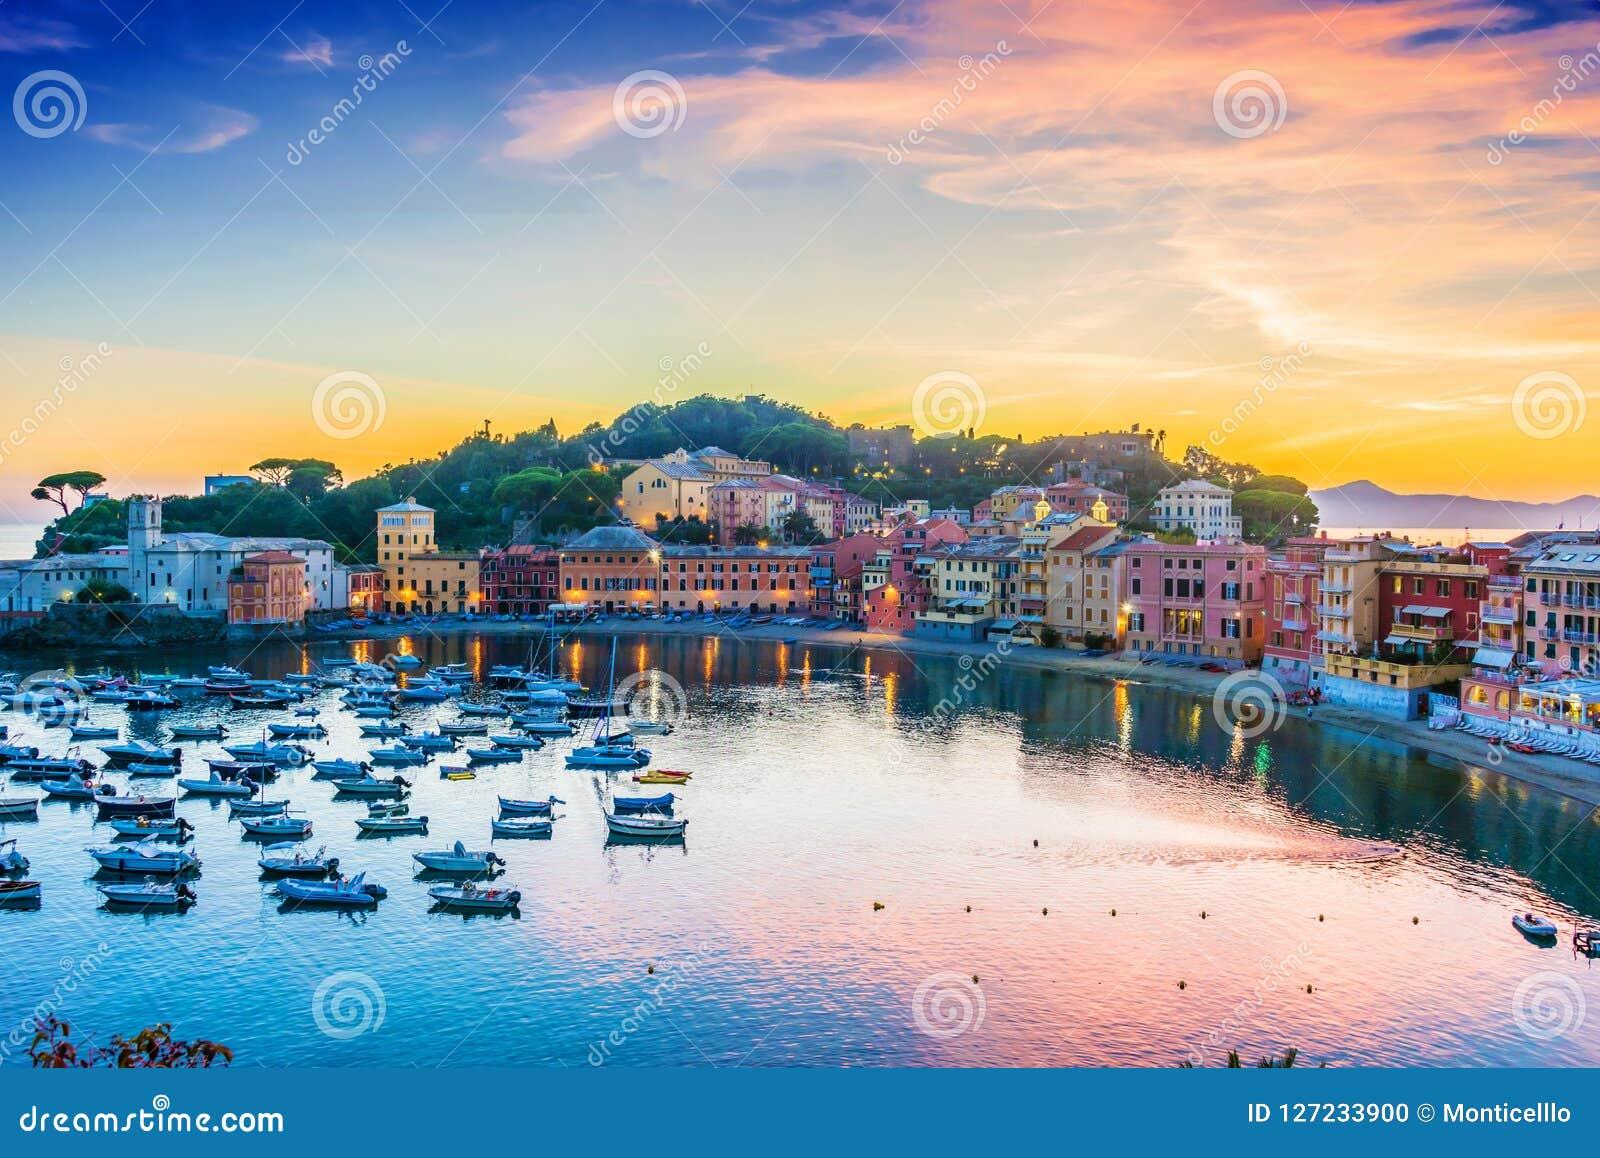 Widok zatoka cisza w Sestri Levante, Włochy